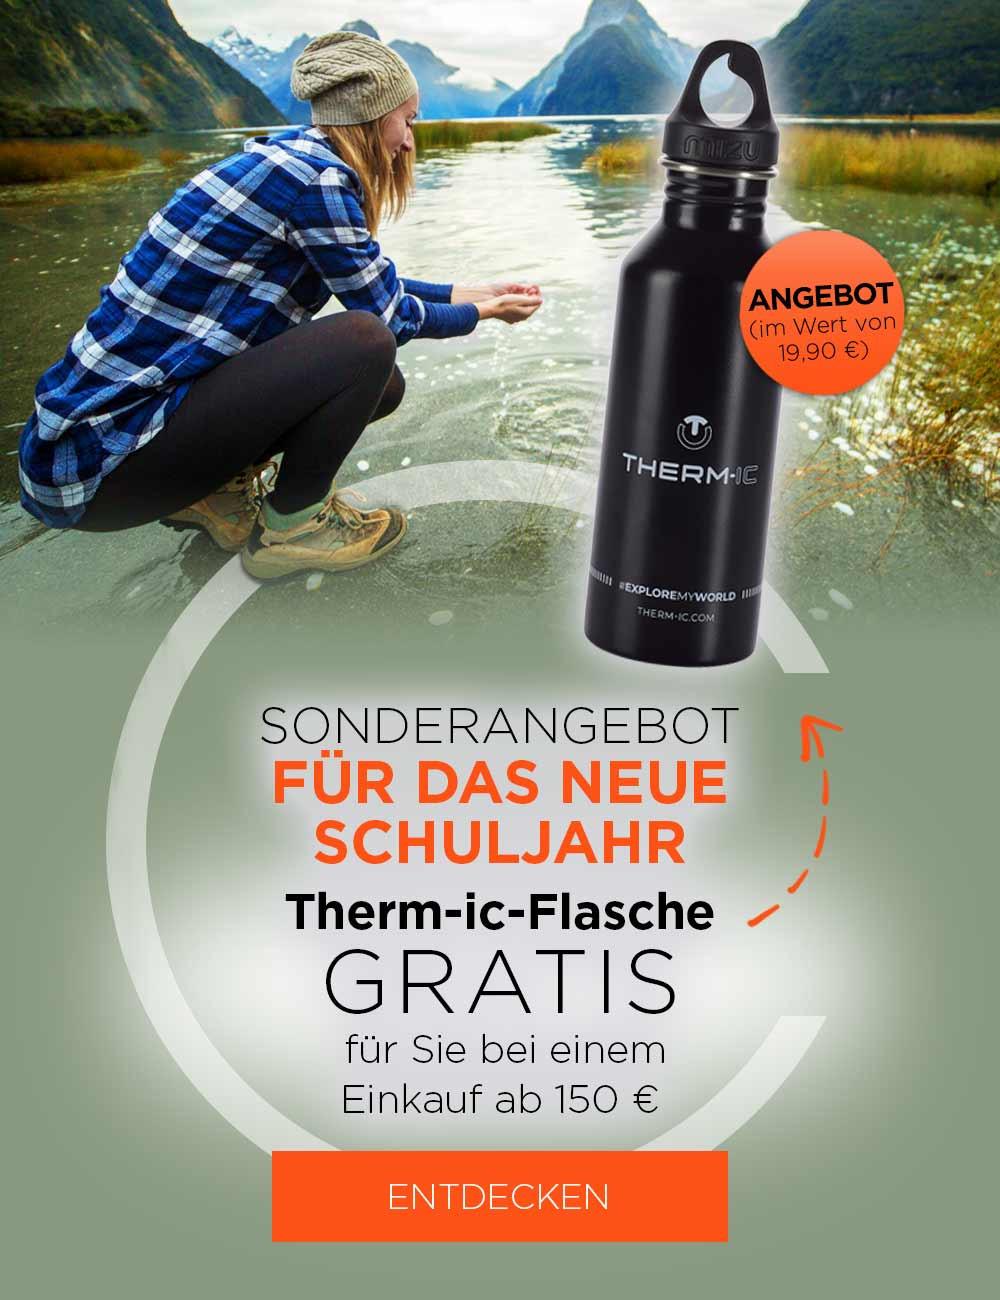 Therm-ic-Flasche gratis für Sie bei einem Einkauf ab 150€